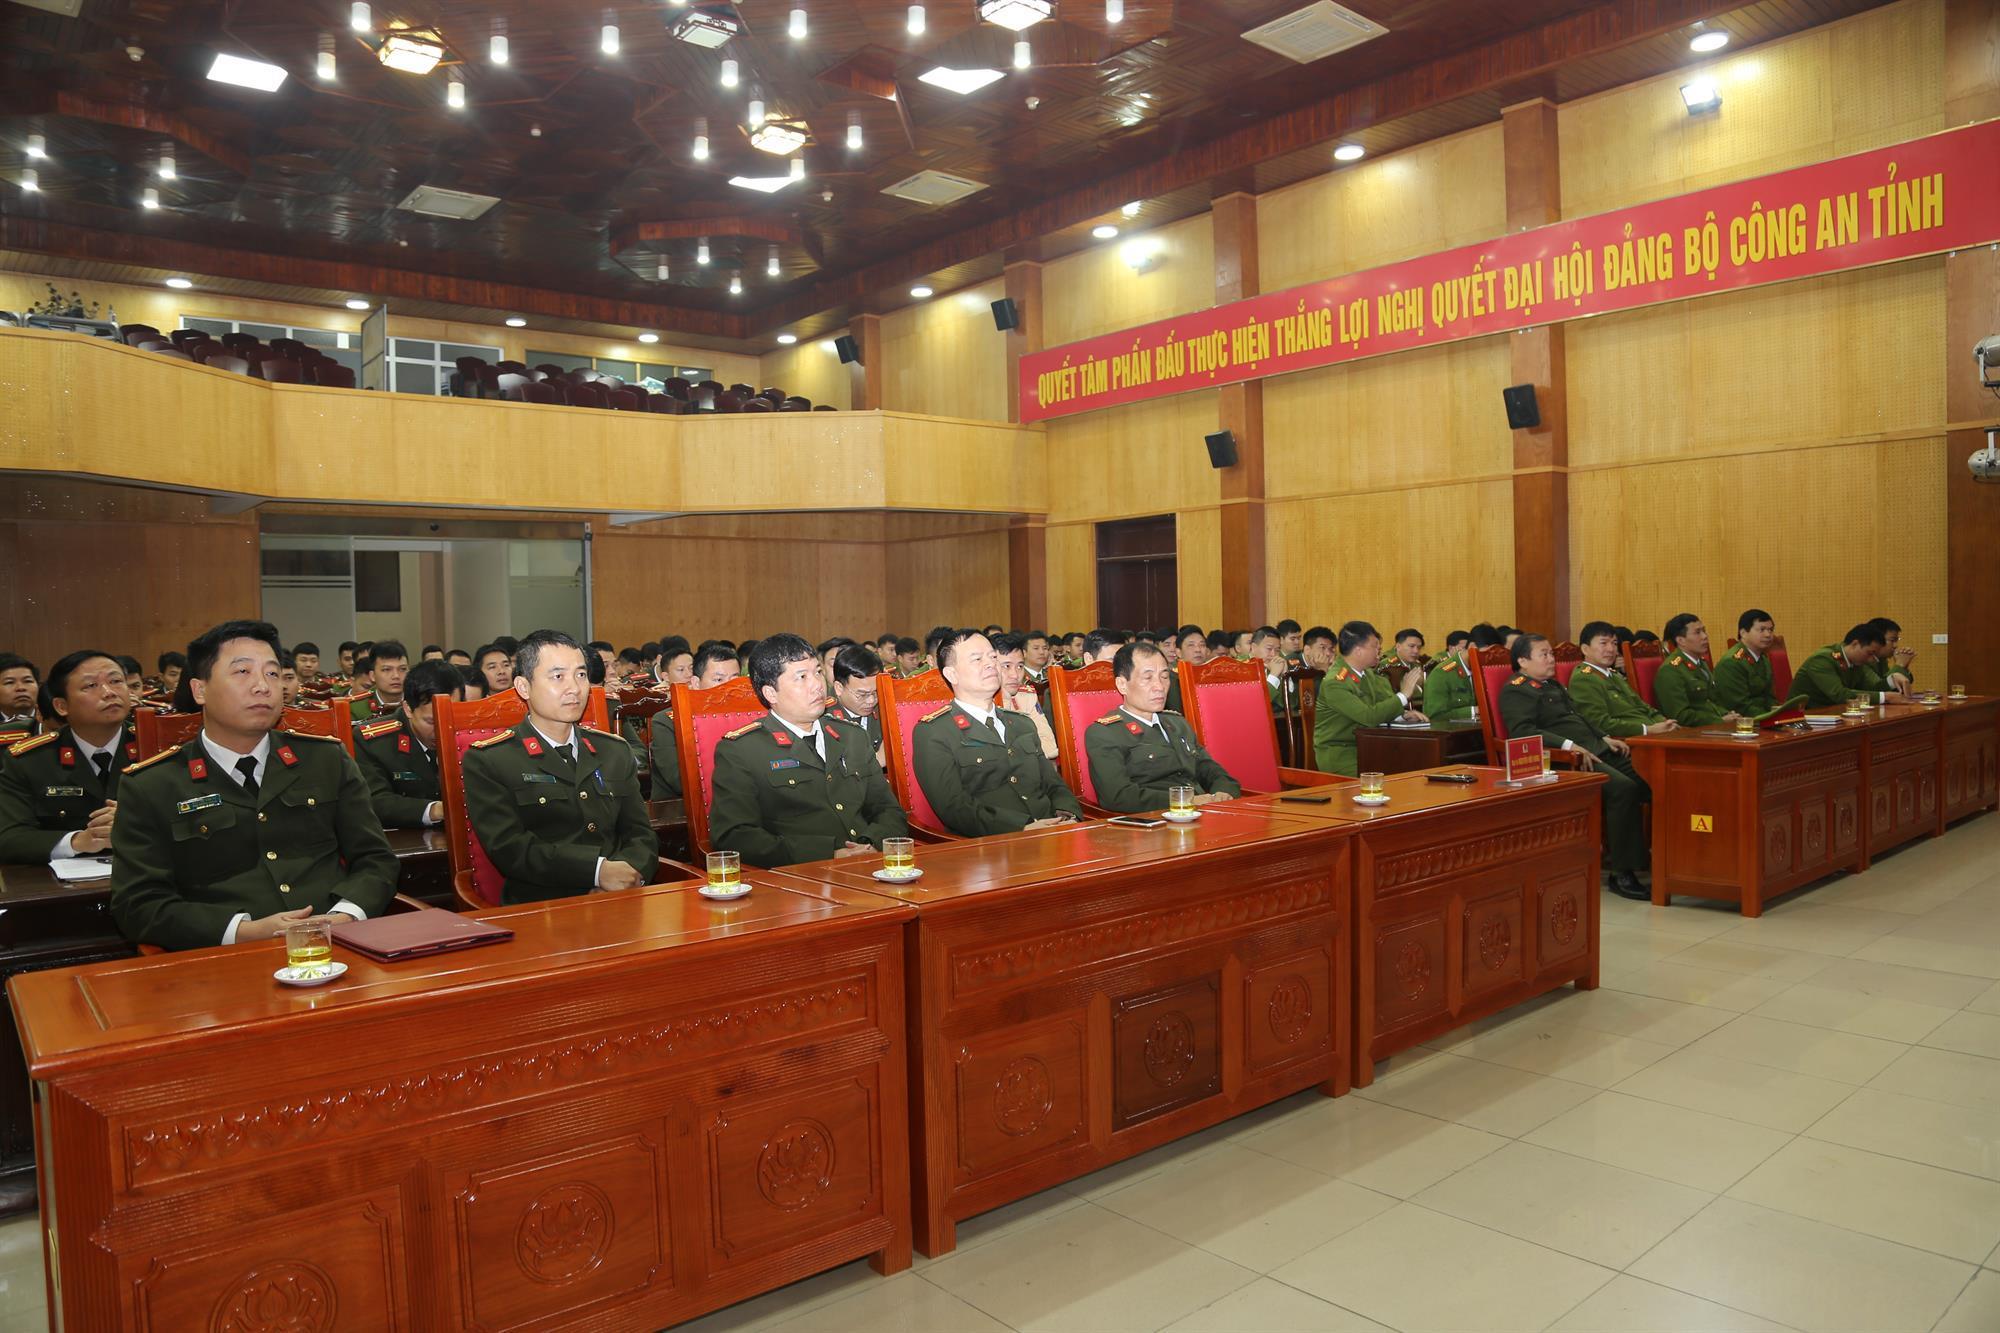 Công an tỉnh tập huấn Điều lệnh, huấn luyện quân sự, võ thuật năm 2020